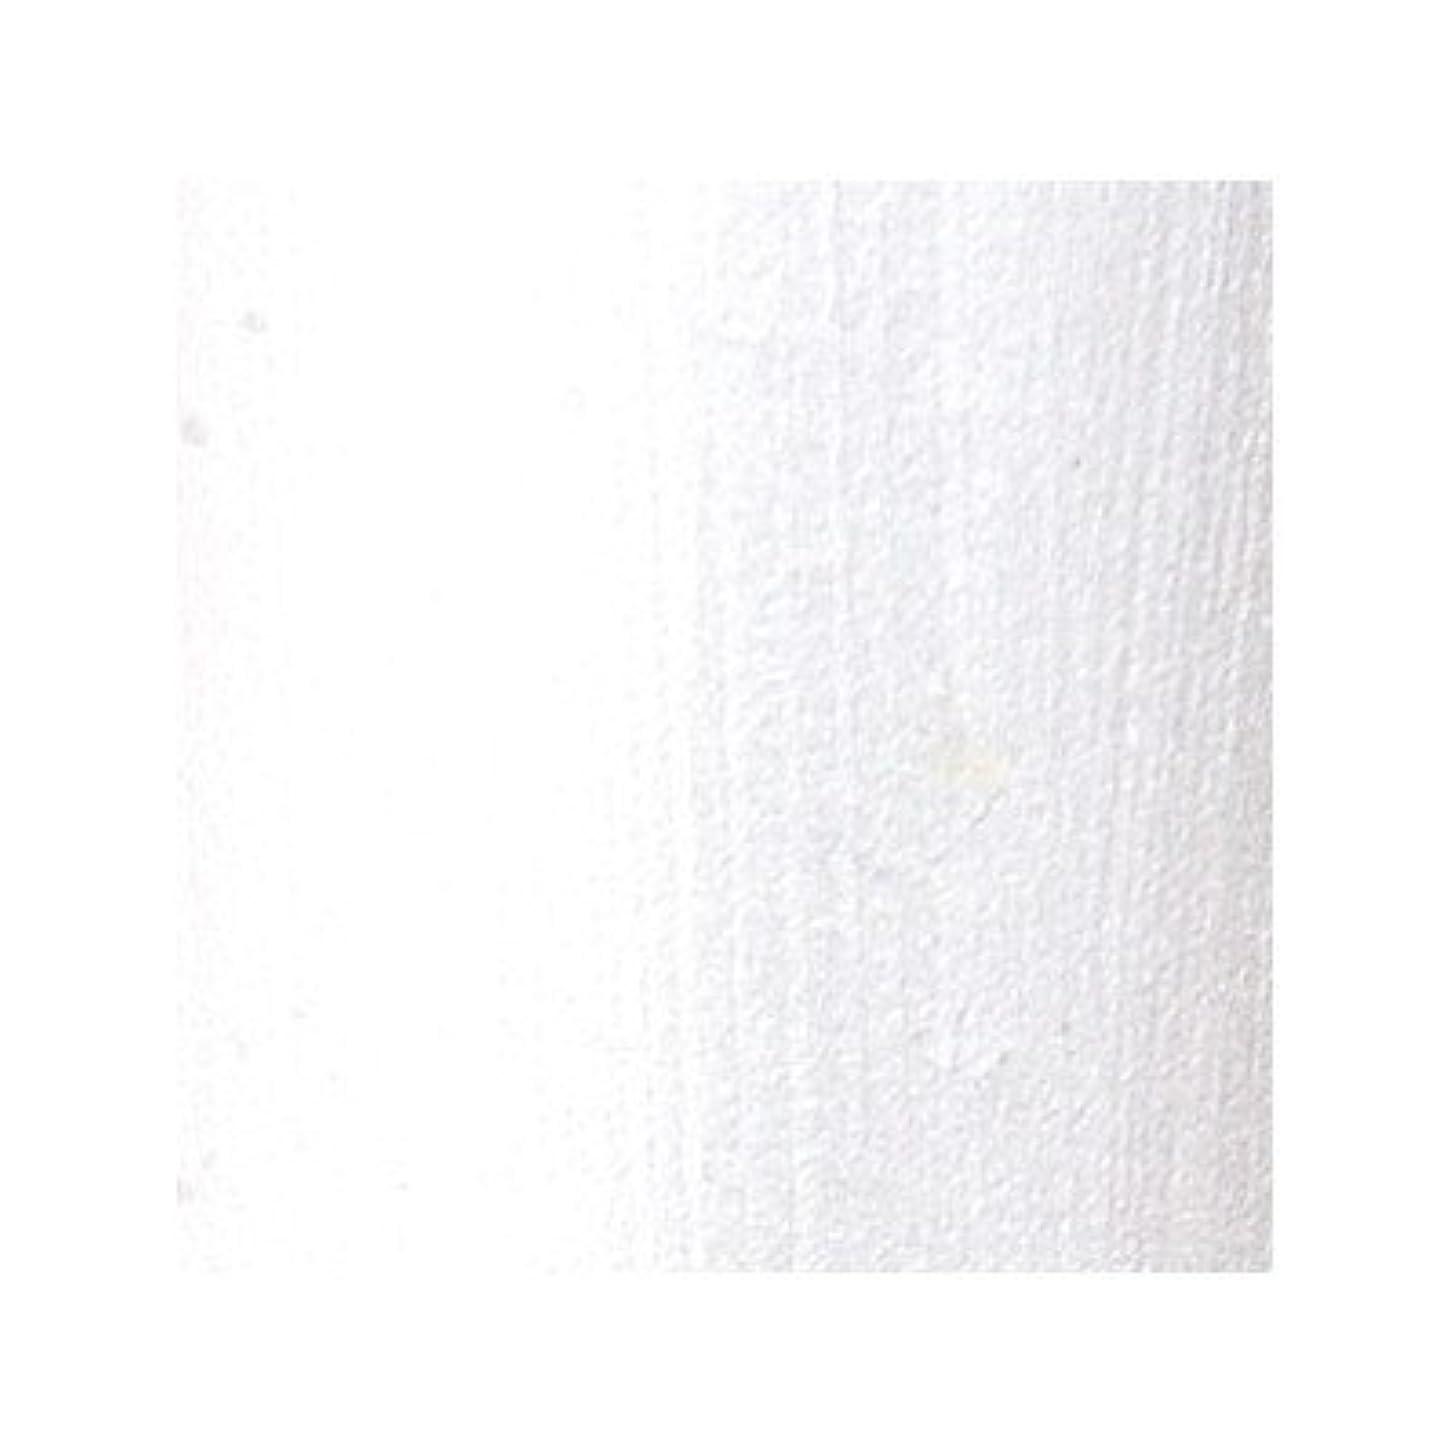 肌寒い放棄された酸化するノビリティカラー4g パールドロップ